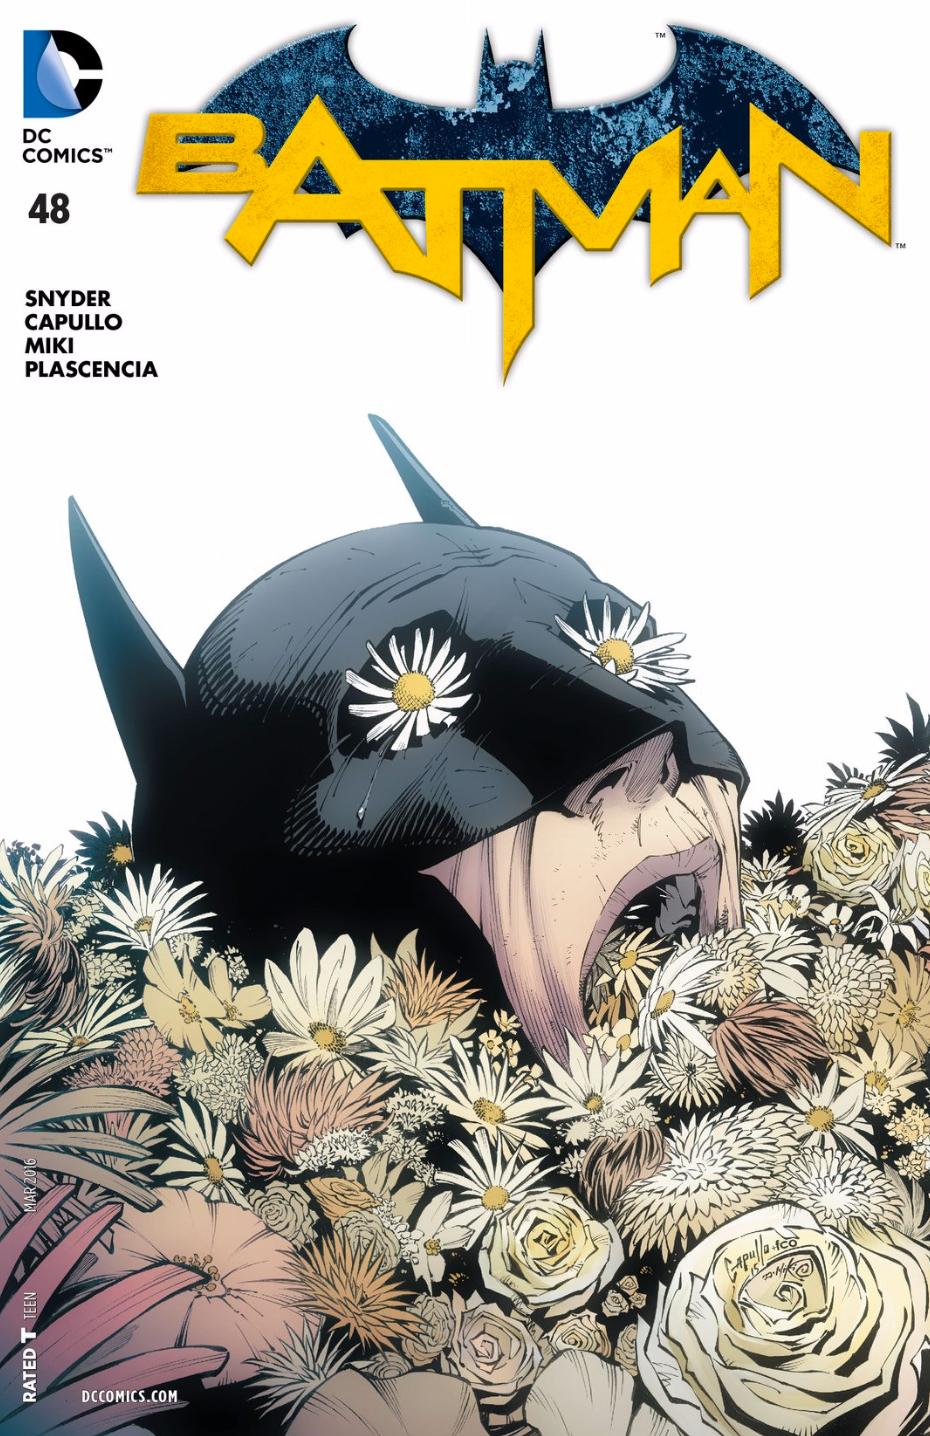 Bruce Wayne Doesn't Want to Be Batman Again